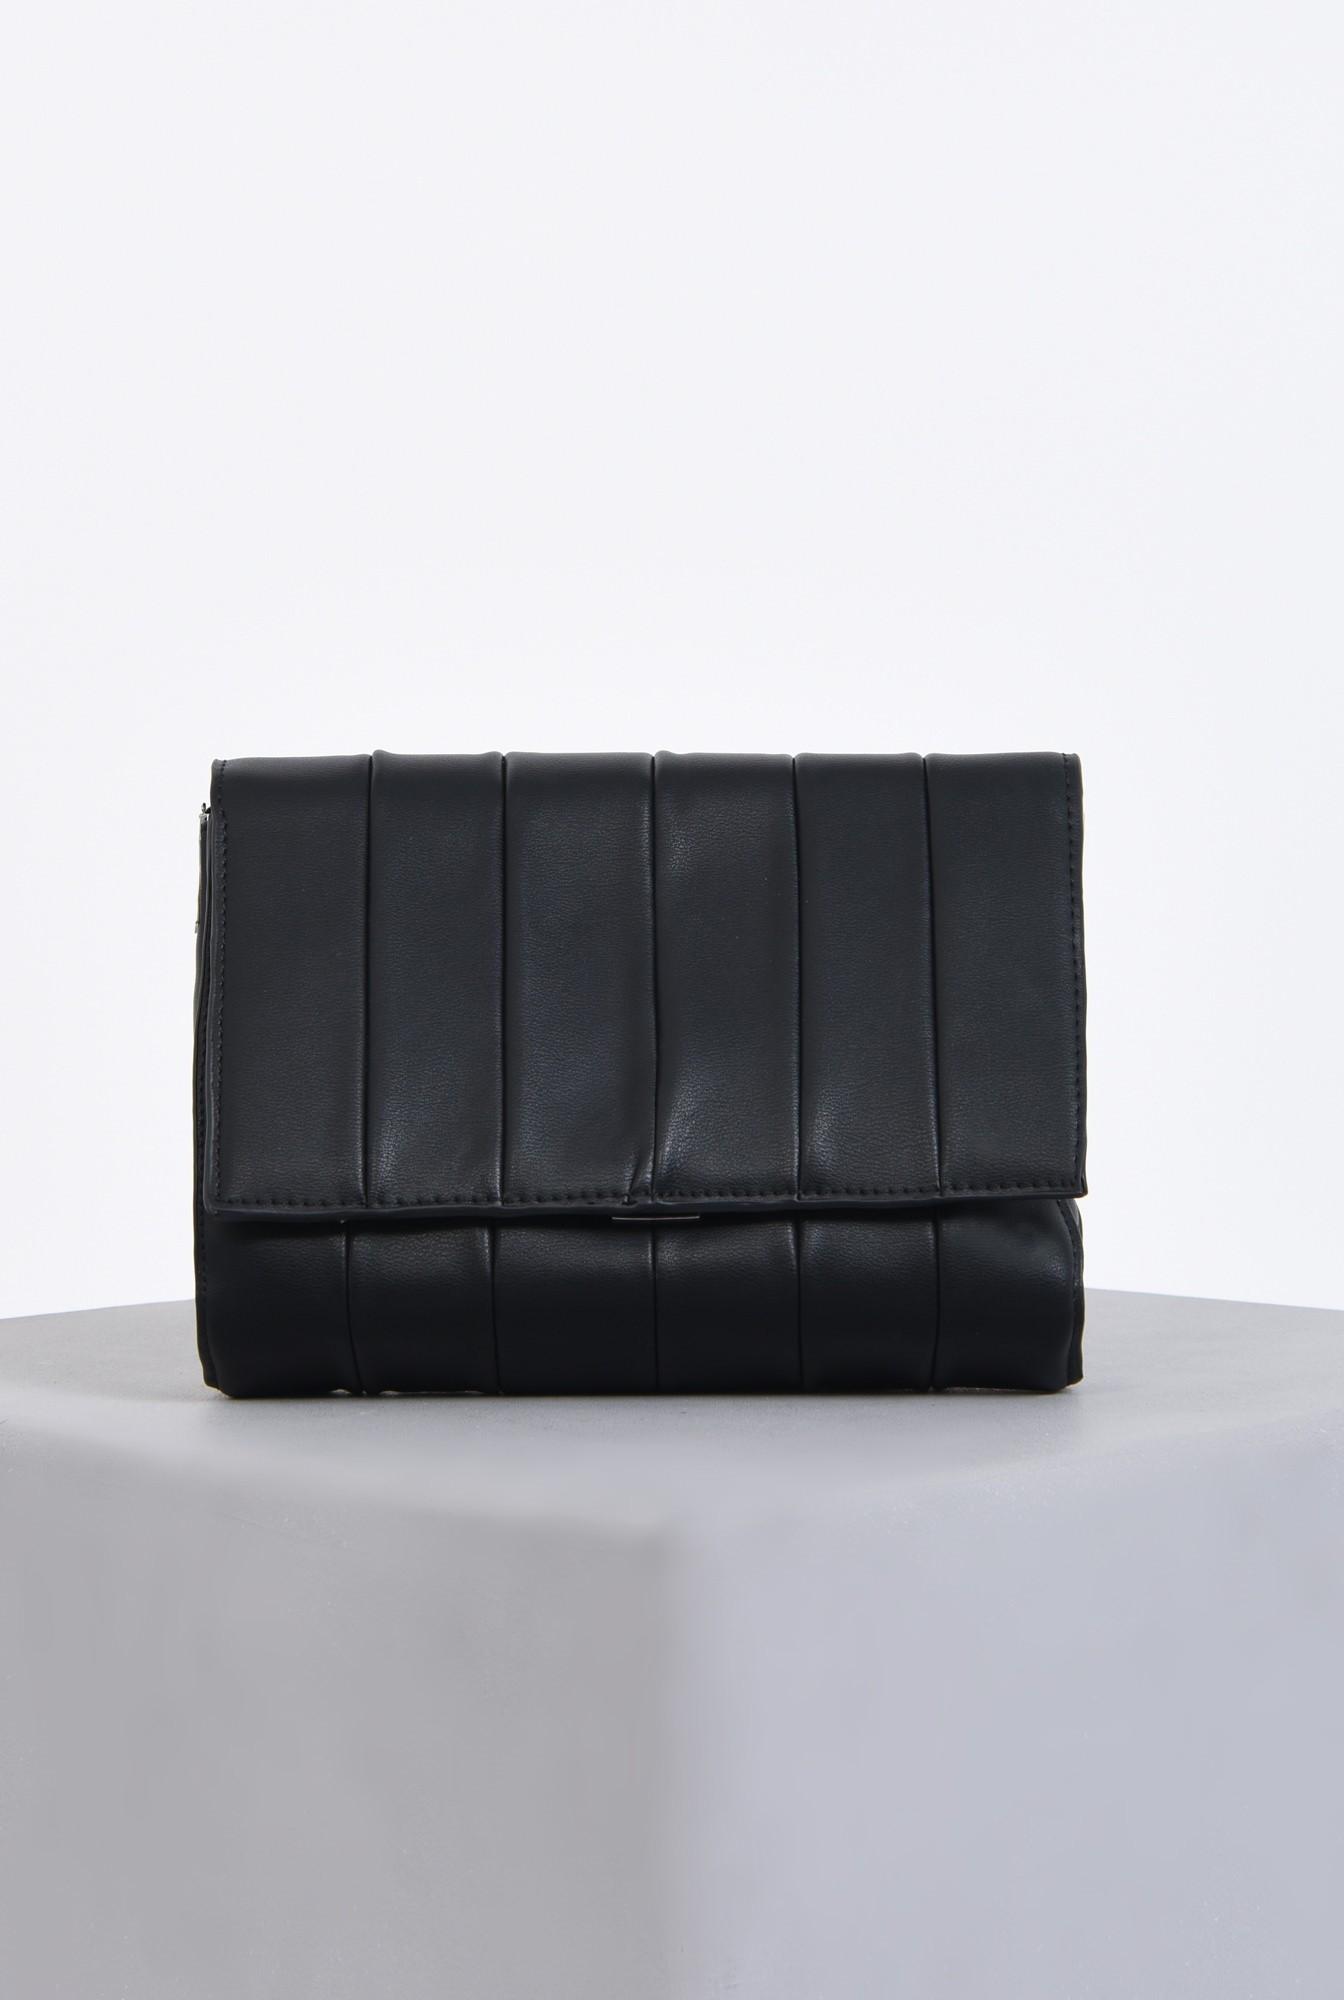 0 - geanta casual, negru, matlasata